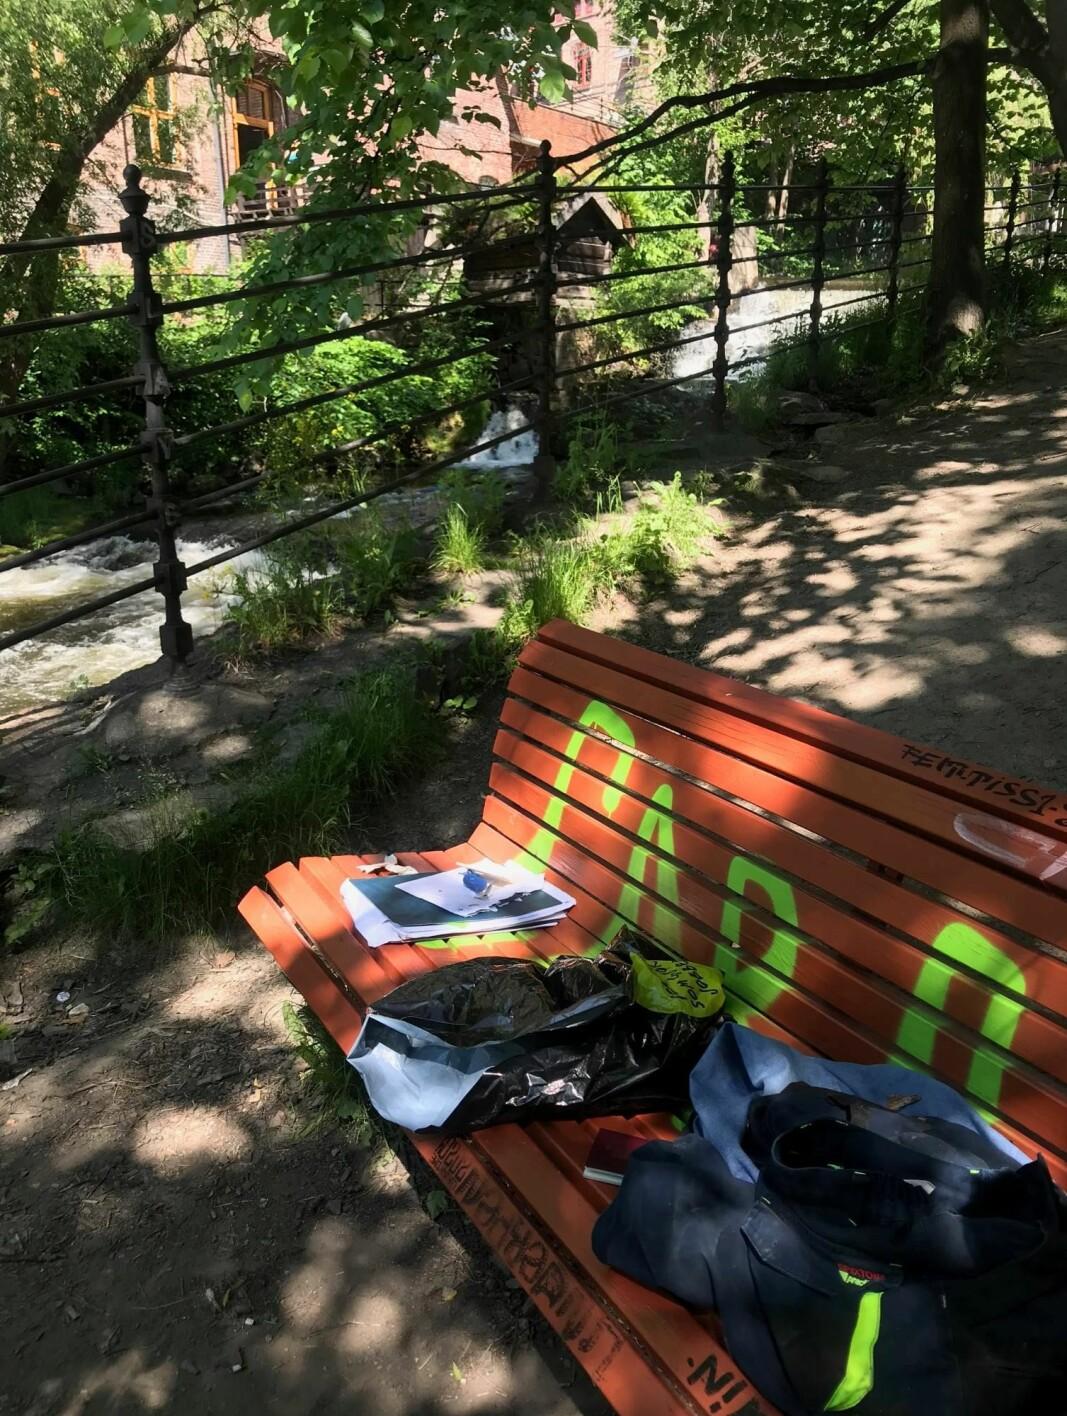 På benken lå klær, pass, nøkler og lommebok pent plassert ved siden av hverandre i stabler.